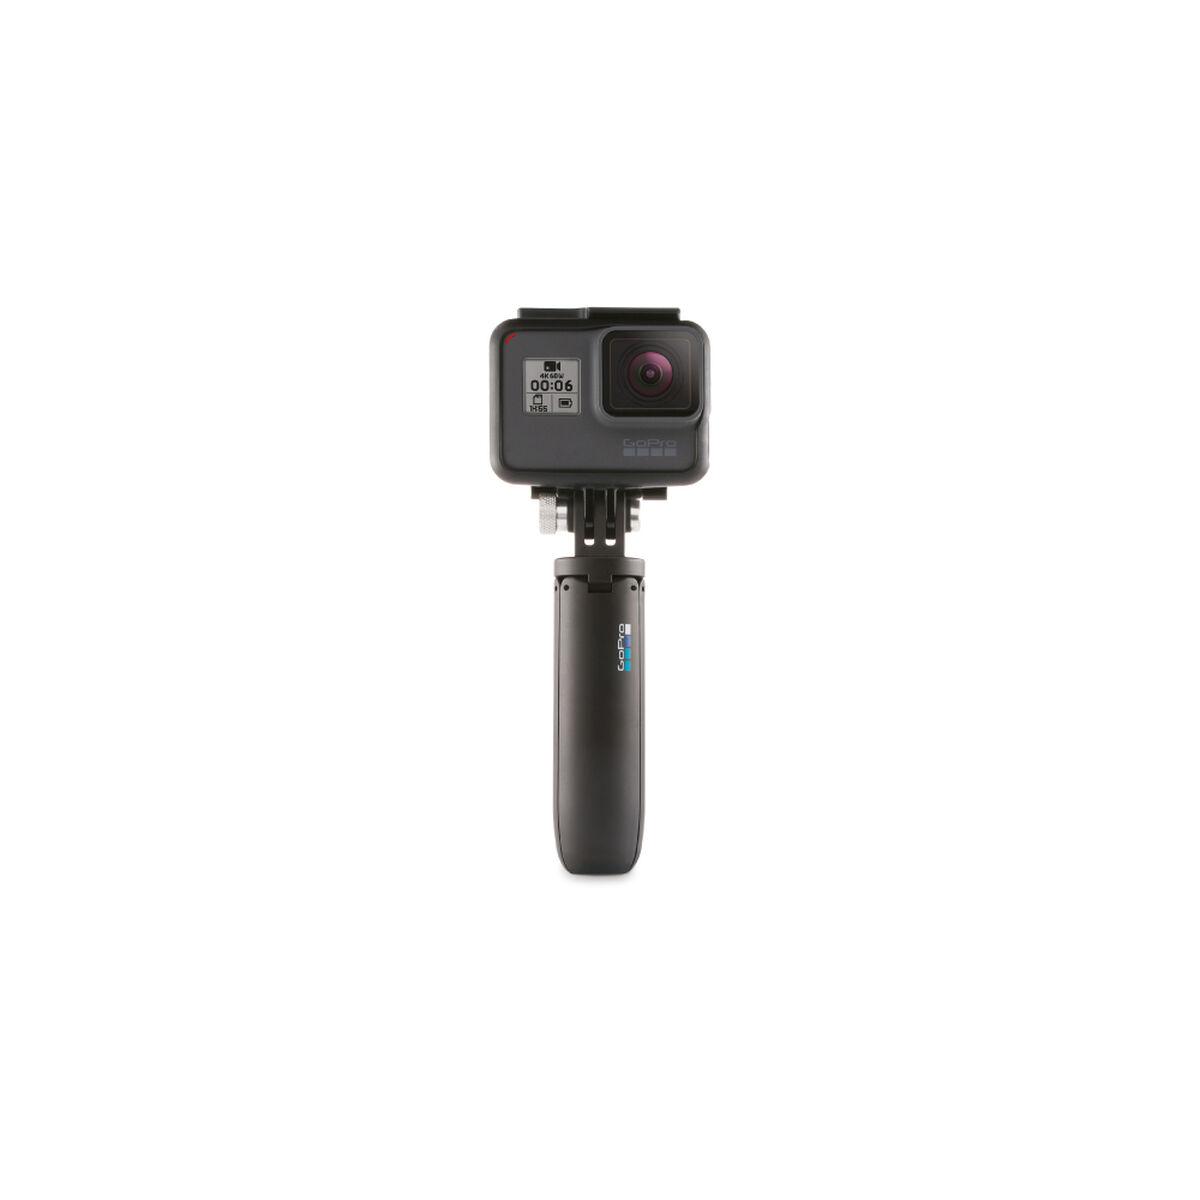 Funda de Silicona + Cordón Rosso Corsa para GoPro HERO7